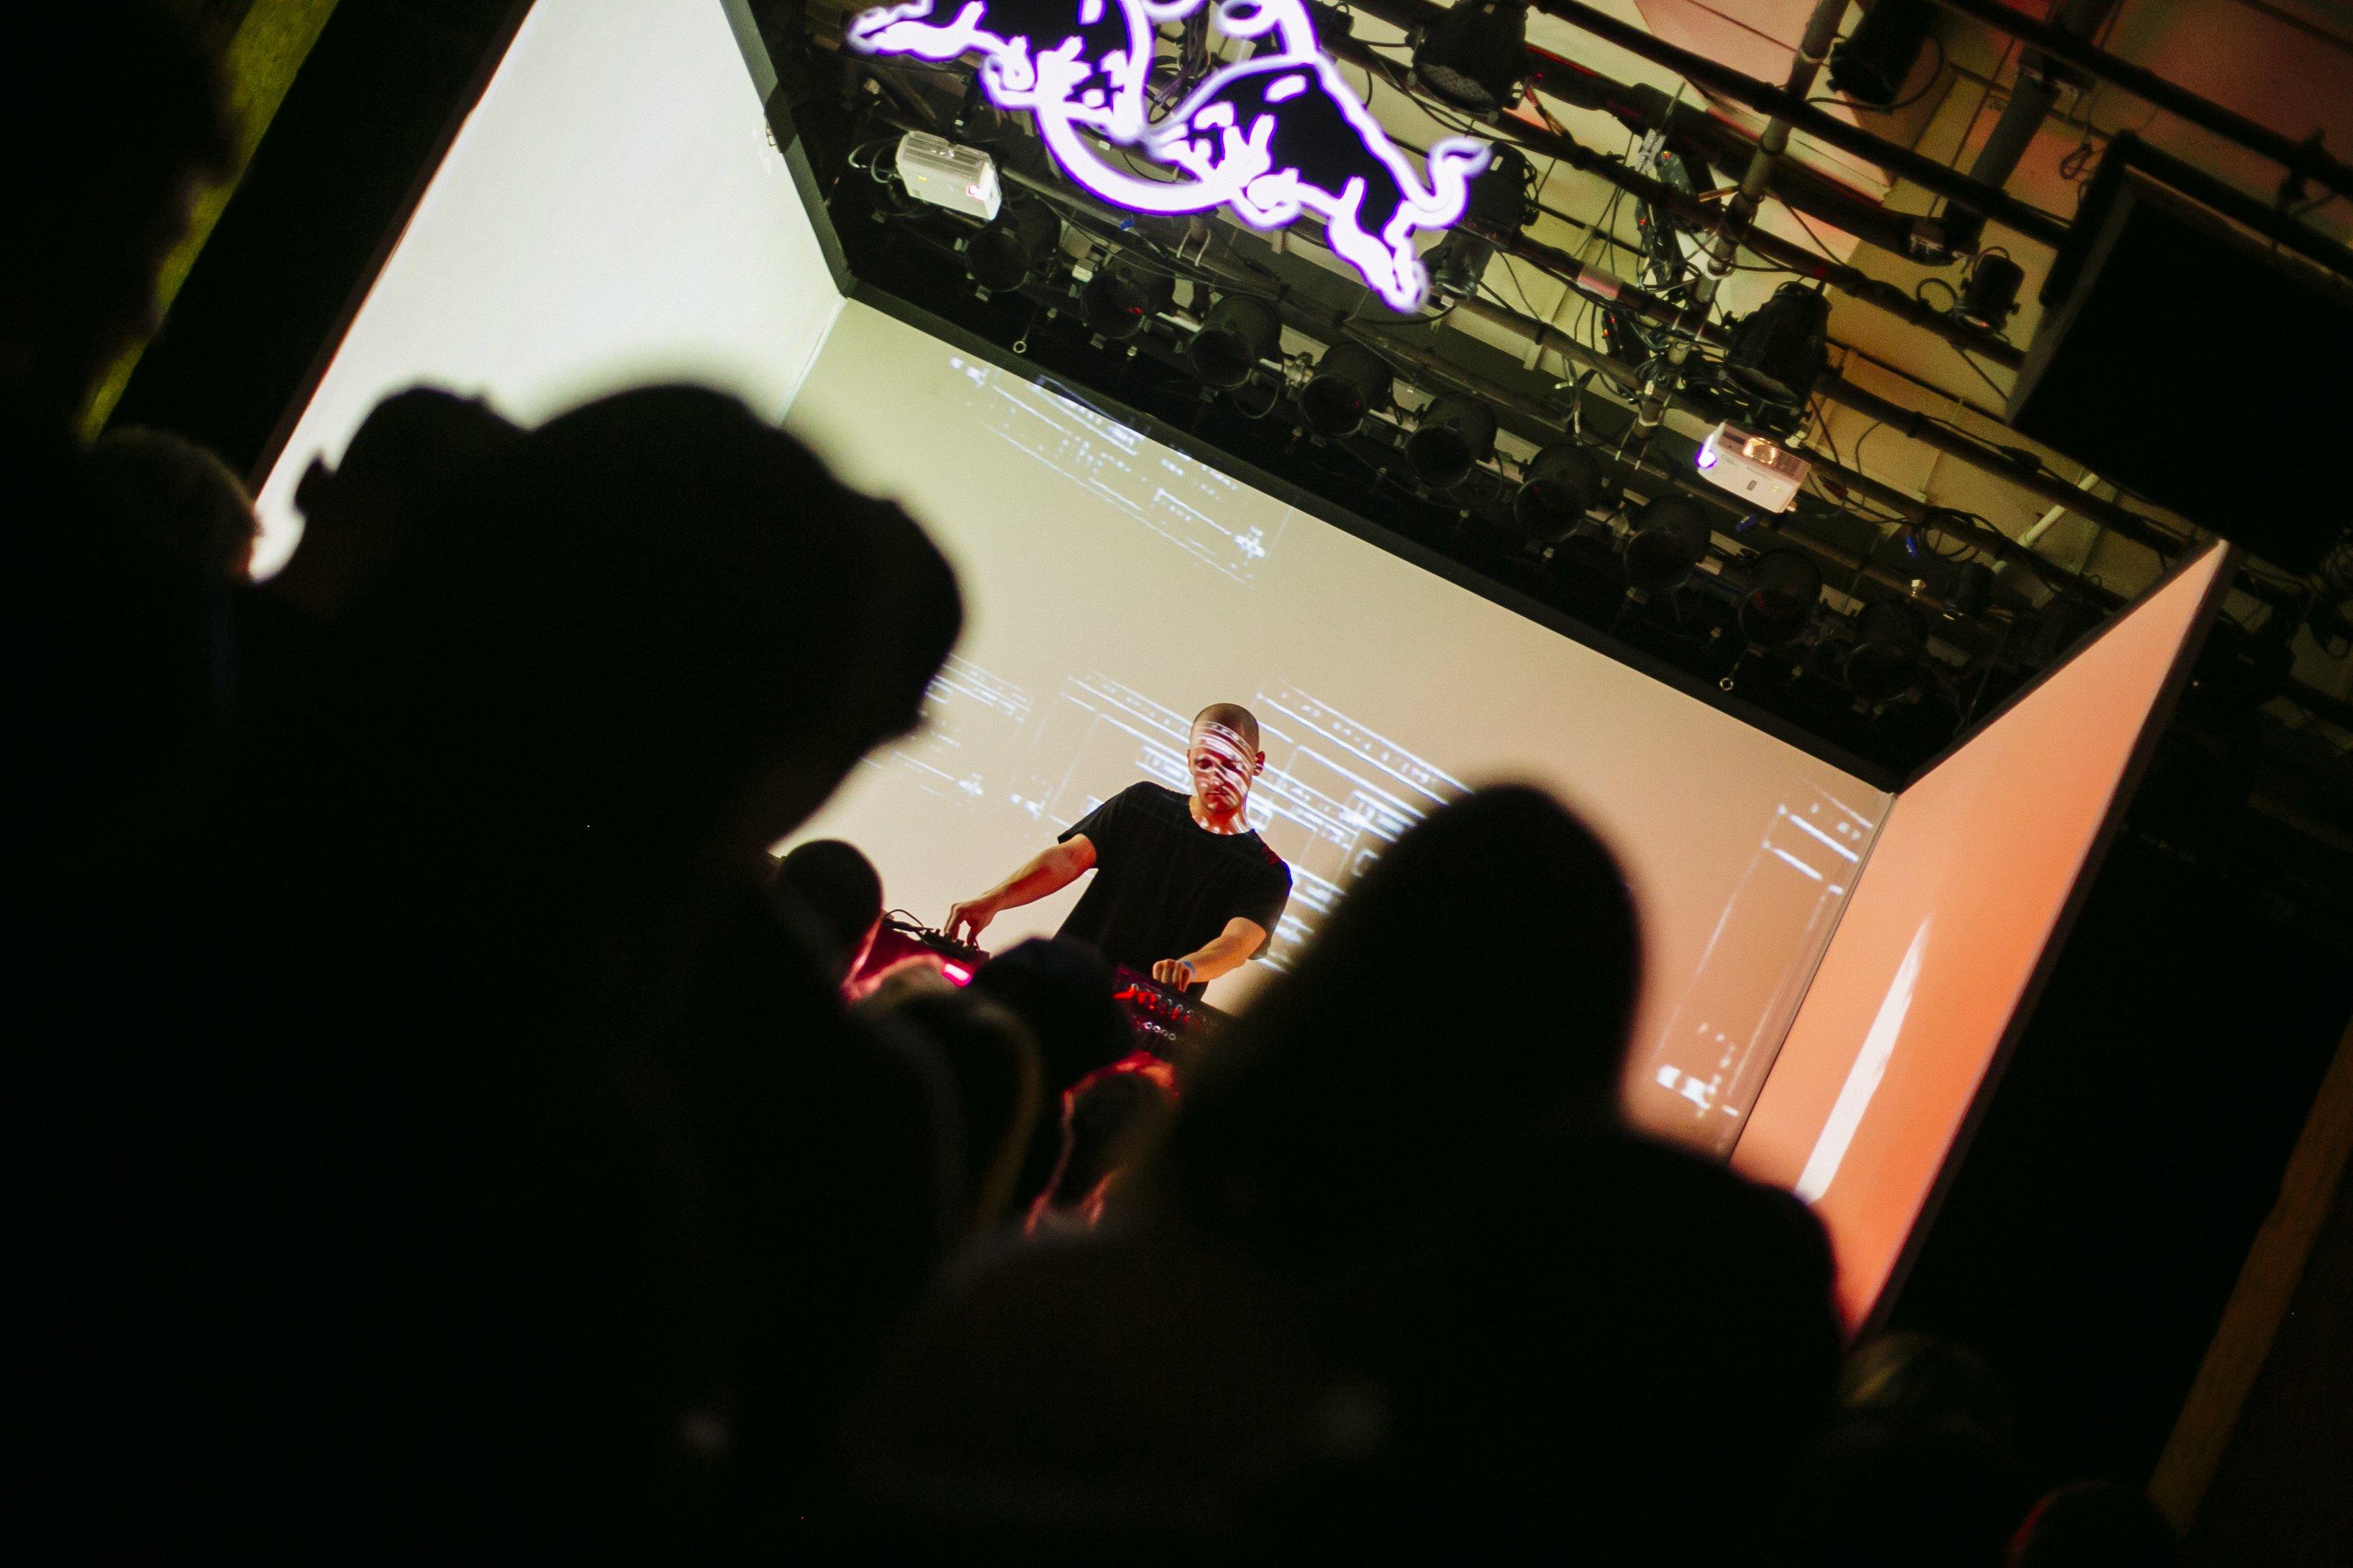 ビョーク、イギー・ポップら出演!Red Bull Music Academy Montrealのプログラム発表 P-20150227-00267_News